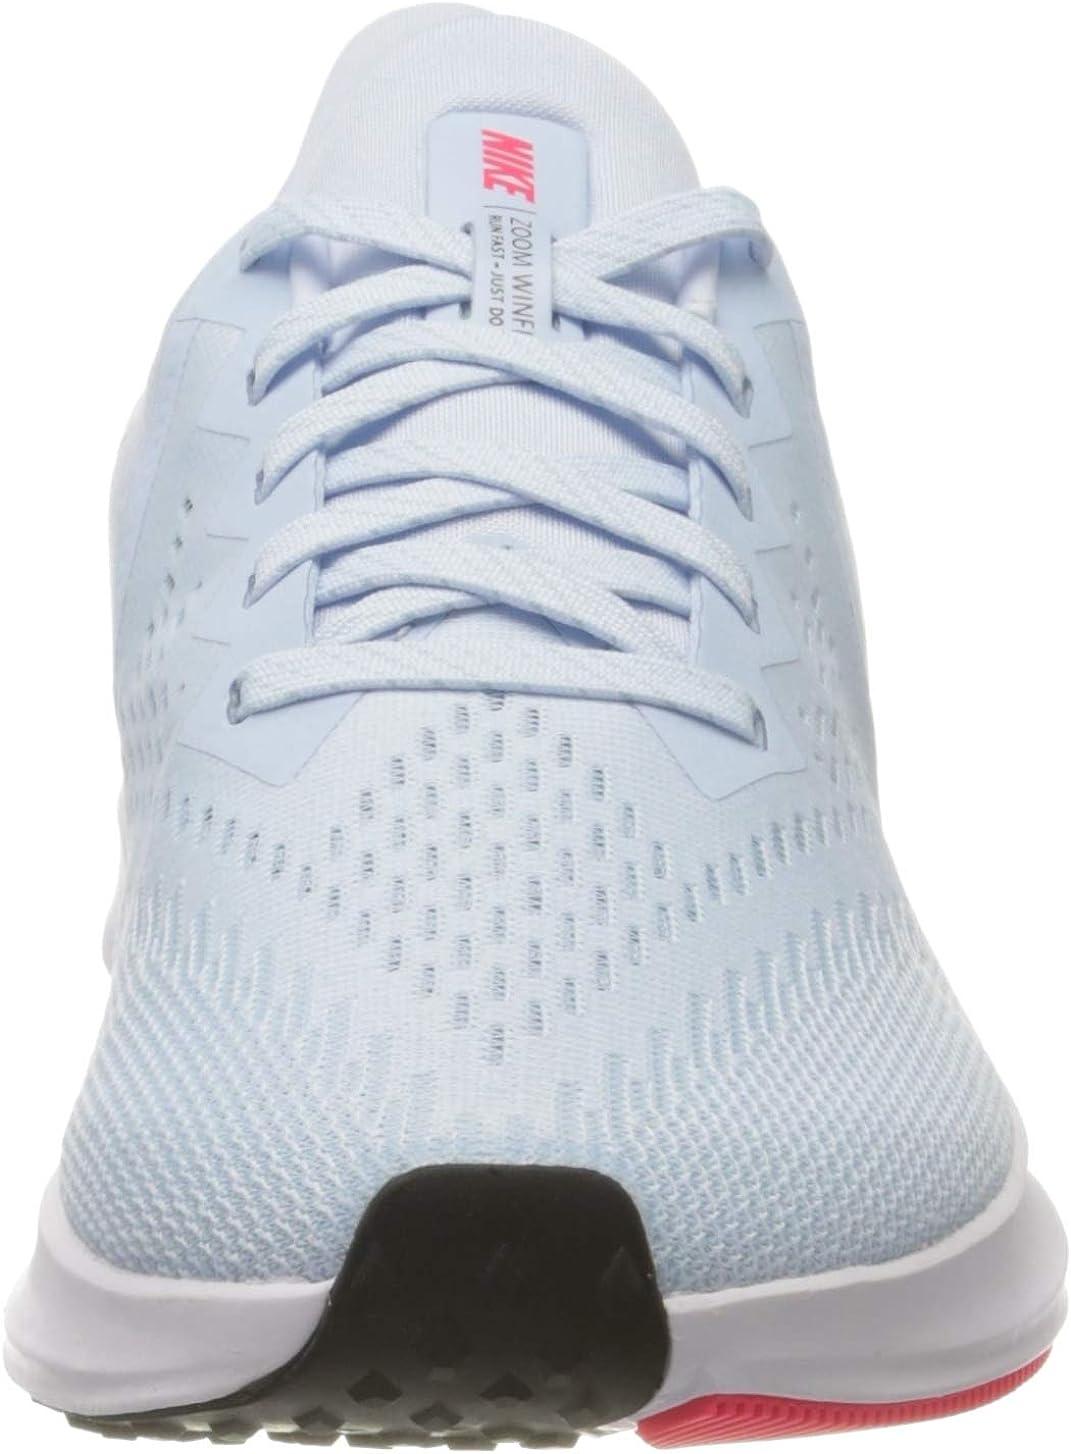 NIKE Air Zoom Winflo 6, Zapatillas de Running para Mujer: Amazon.es: Zapatos y complementos